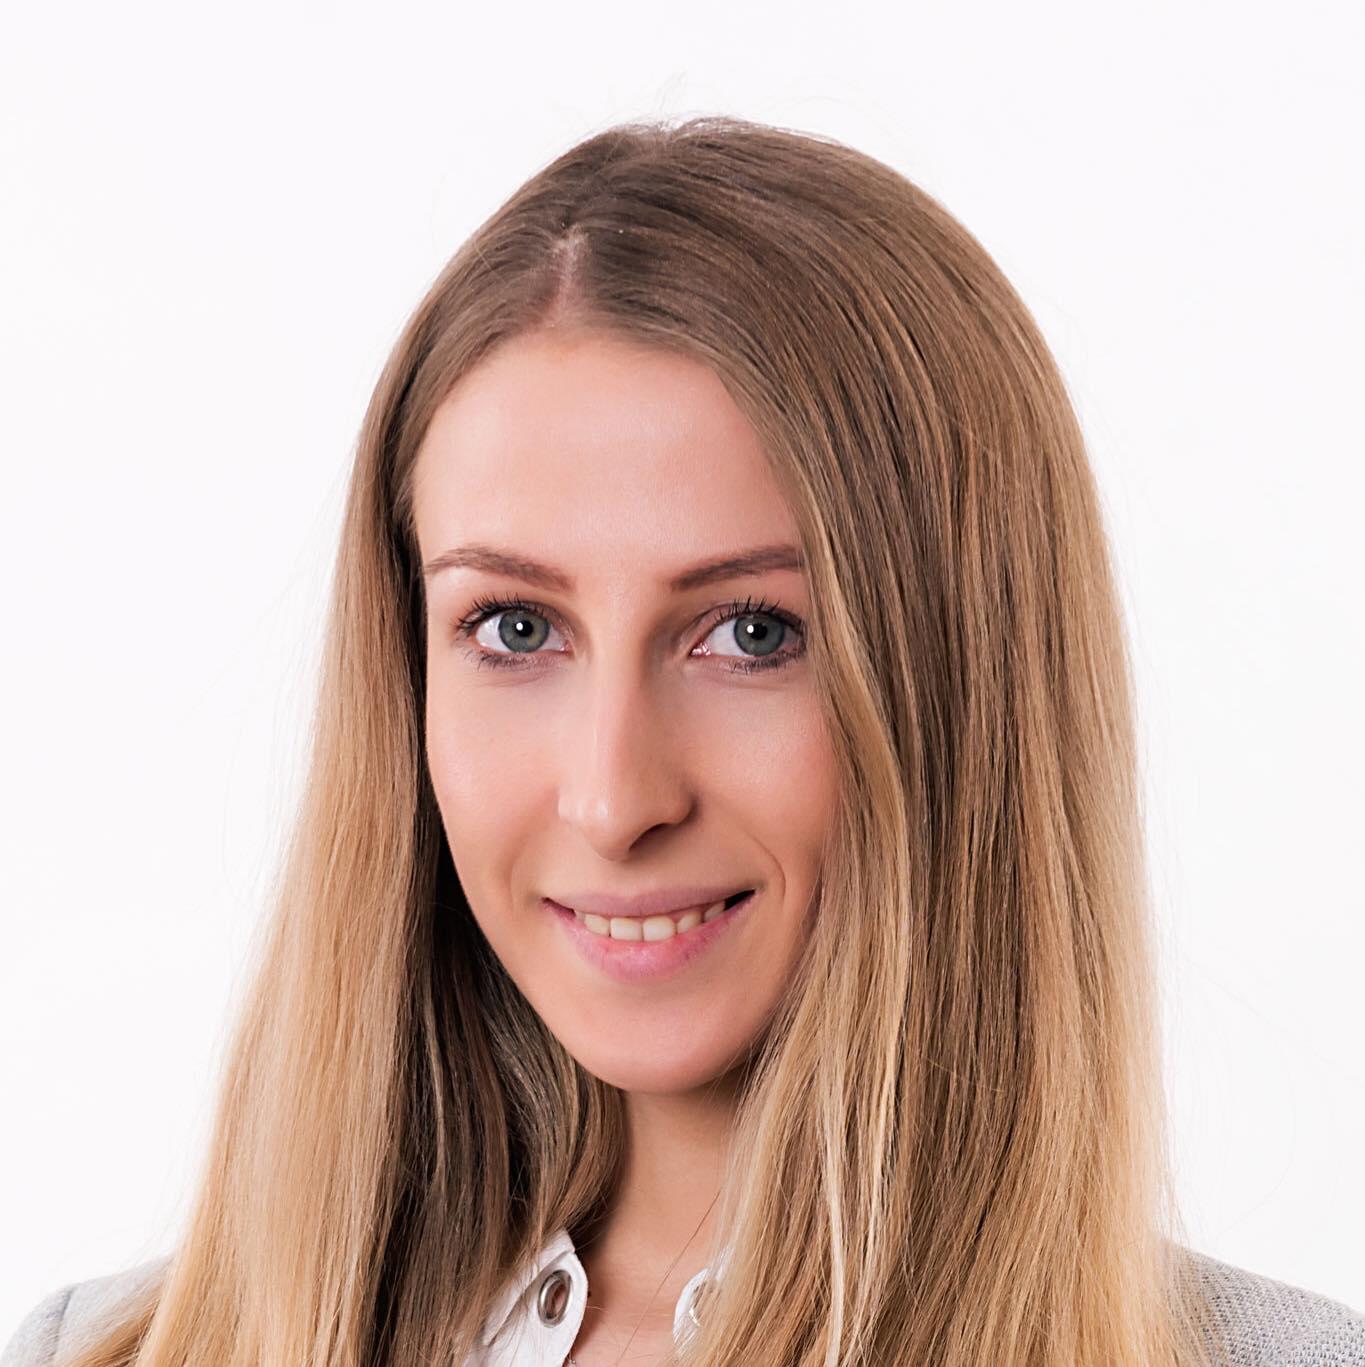 Aleksandra Pawlikowska